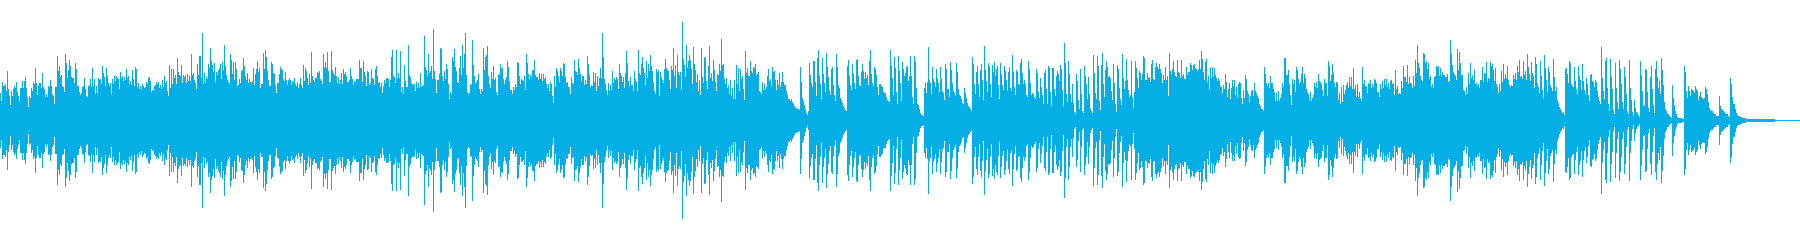 ピアノソロ、ドビュッシー 夢の再生済みの波形